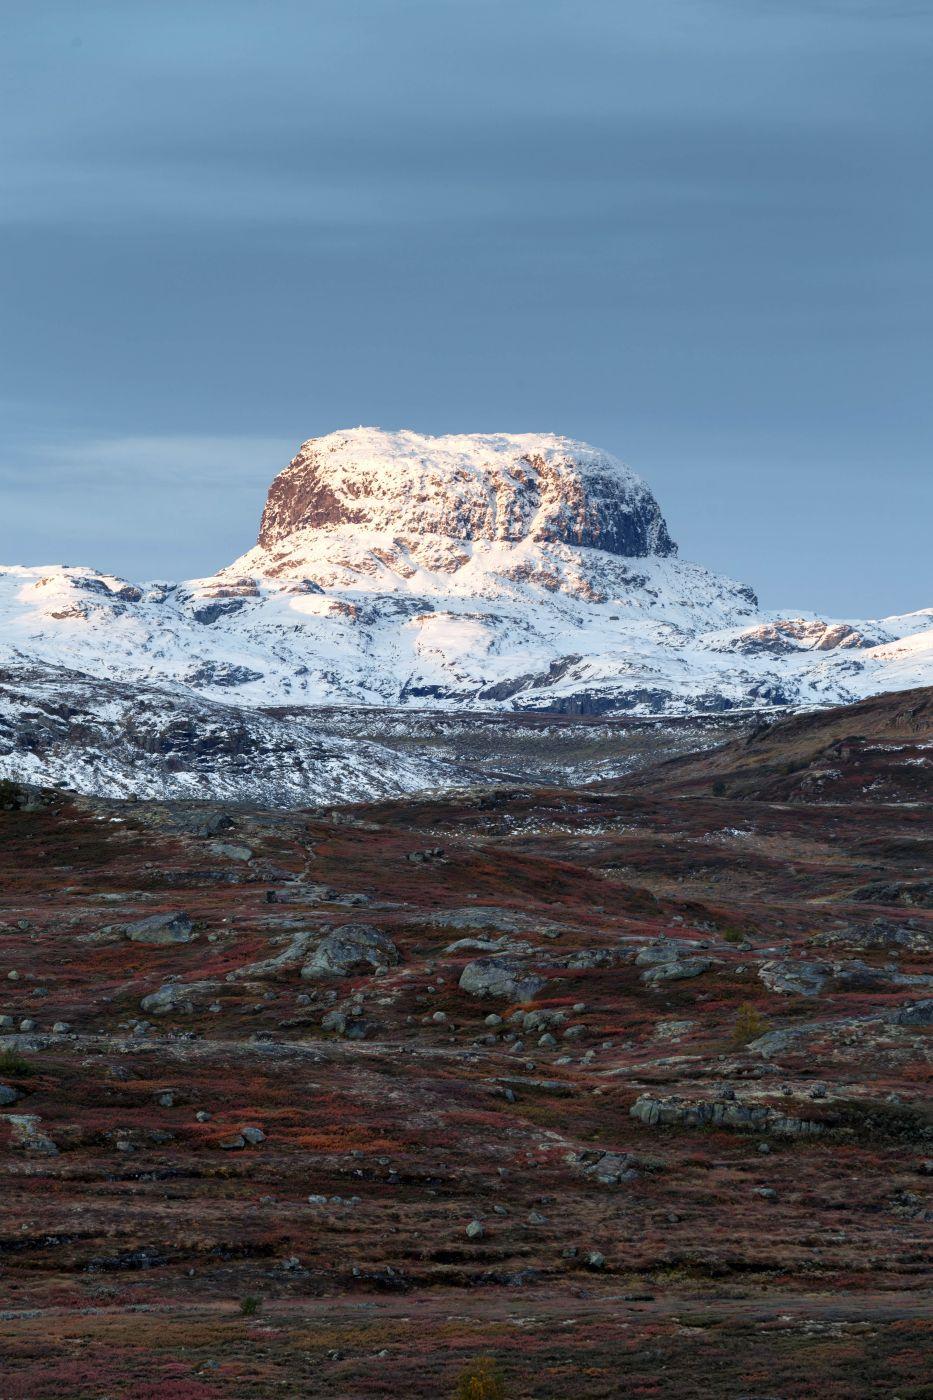 Harteigen at Hadlaskard, Norway